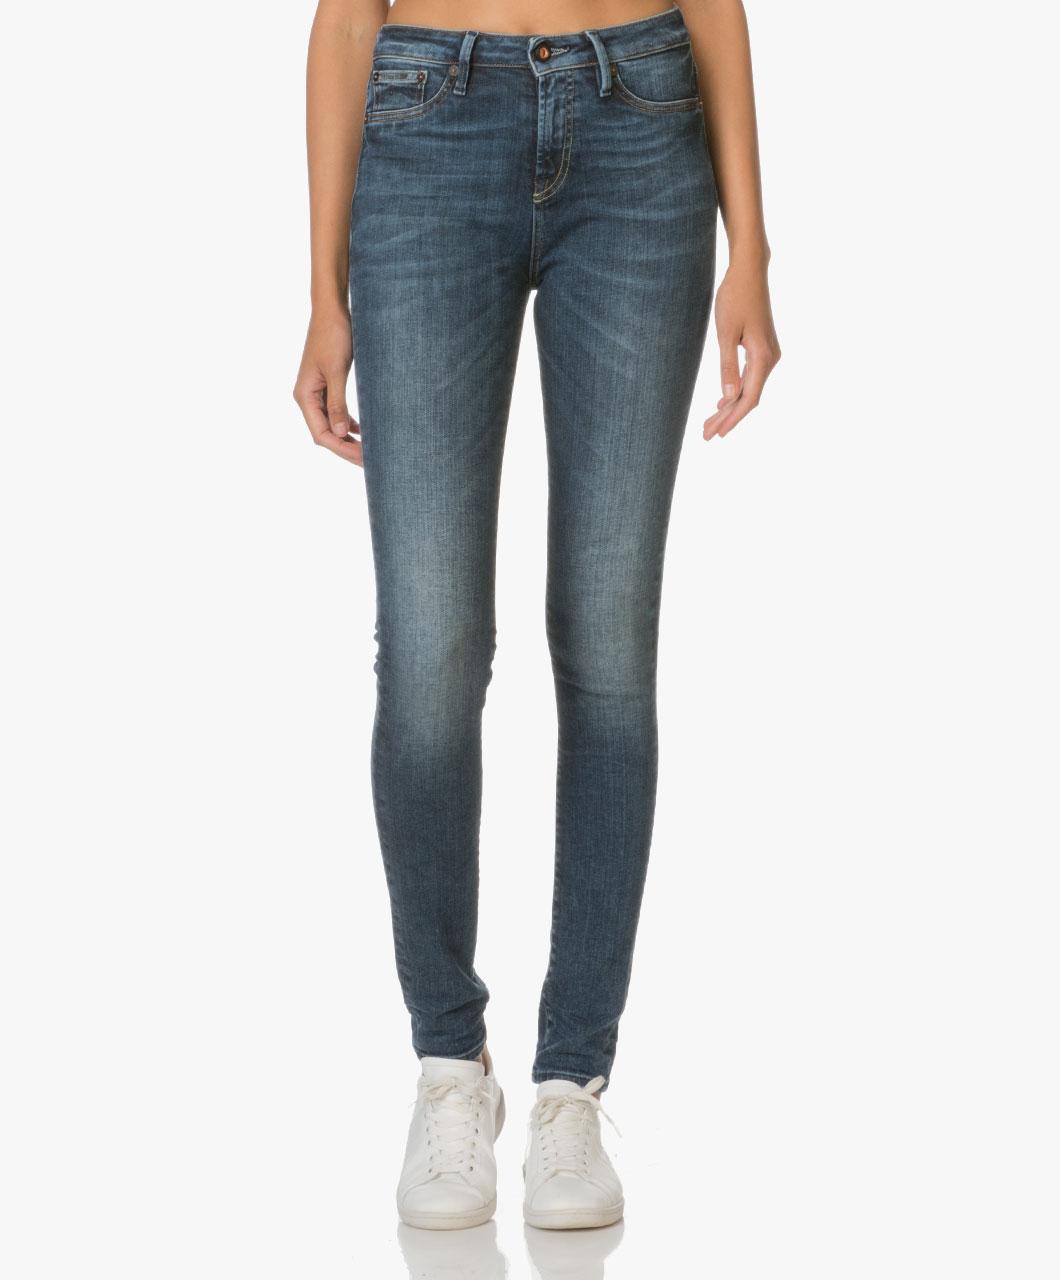 Afbeelding van Denham Jeans Needle in Donkerblauw